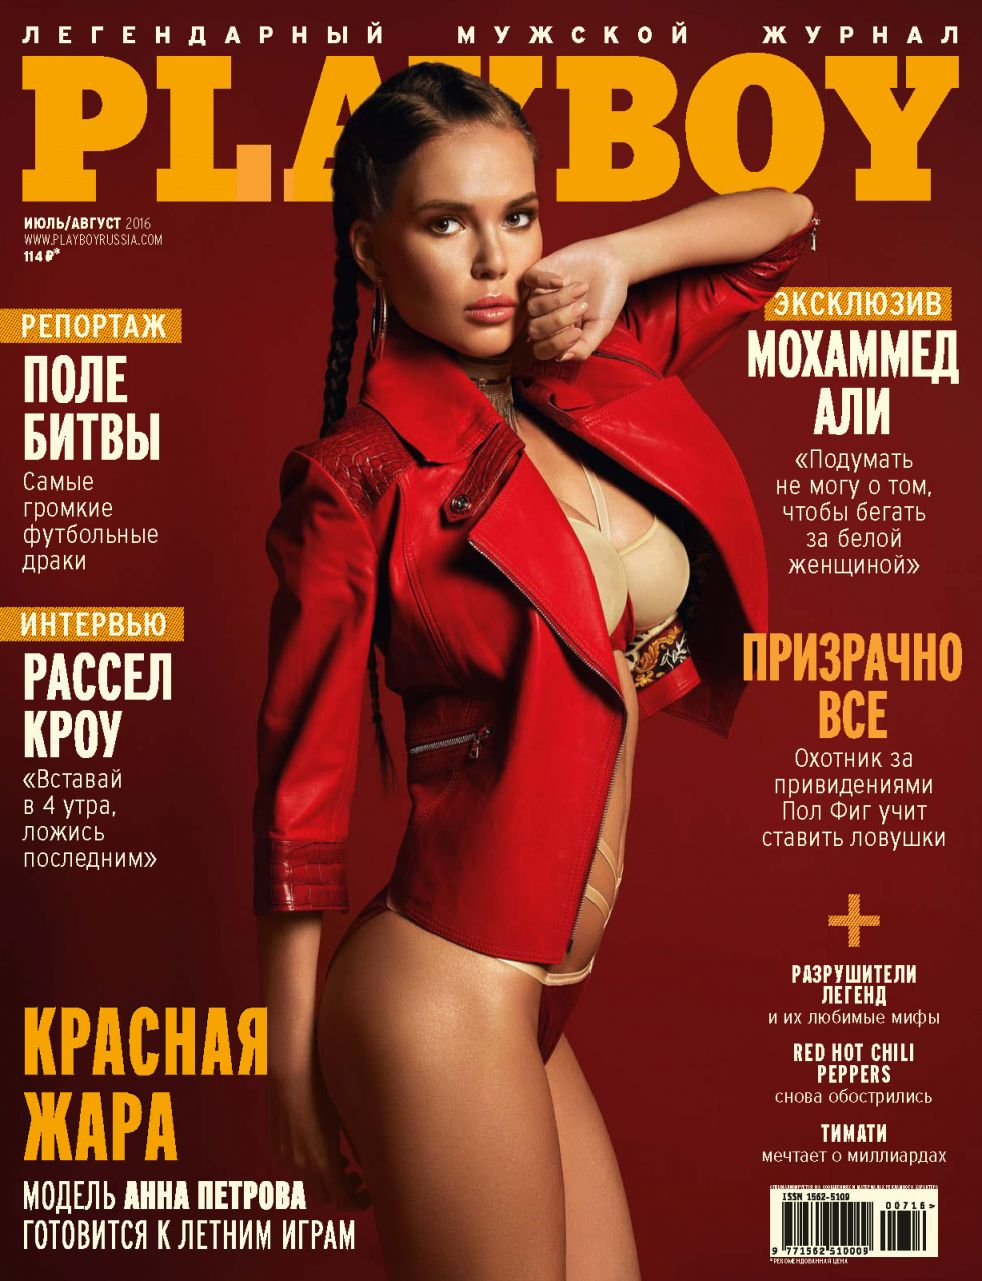 seksualnie-devushki-iz-zhurnala-popili-chayu-i-pomenyalis-parami-porno-smotret-onlayn